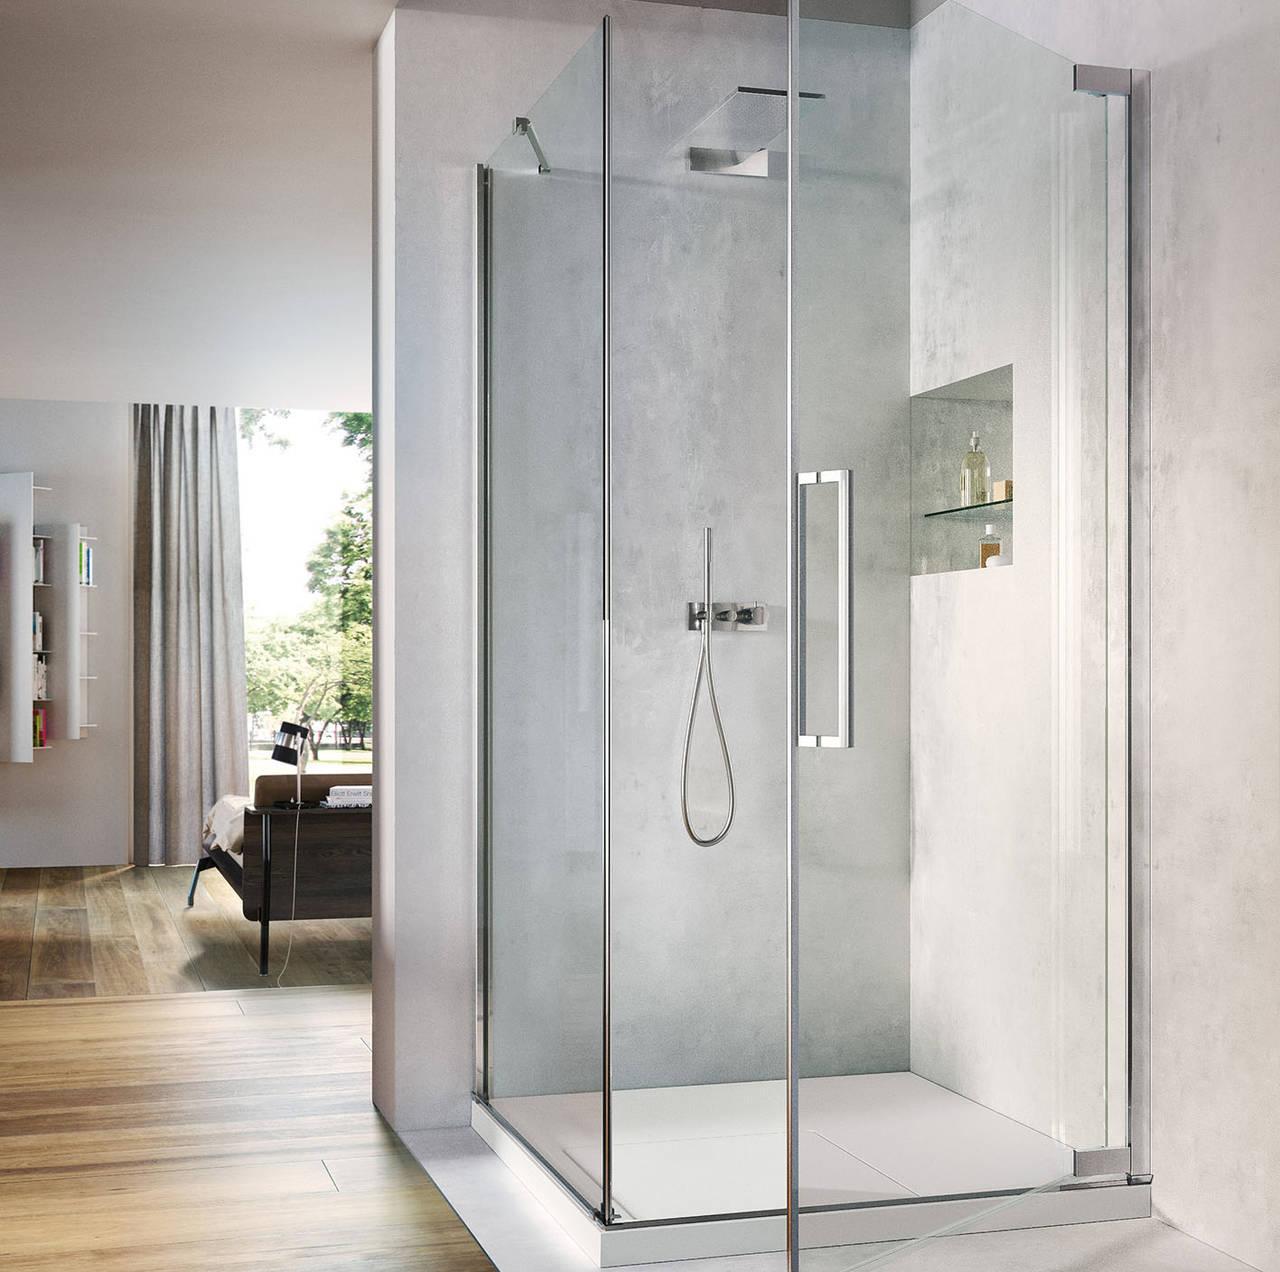 Comfort e design nella cabina doccia con anta a battente for Cabina doccia eklis montaggio